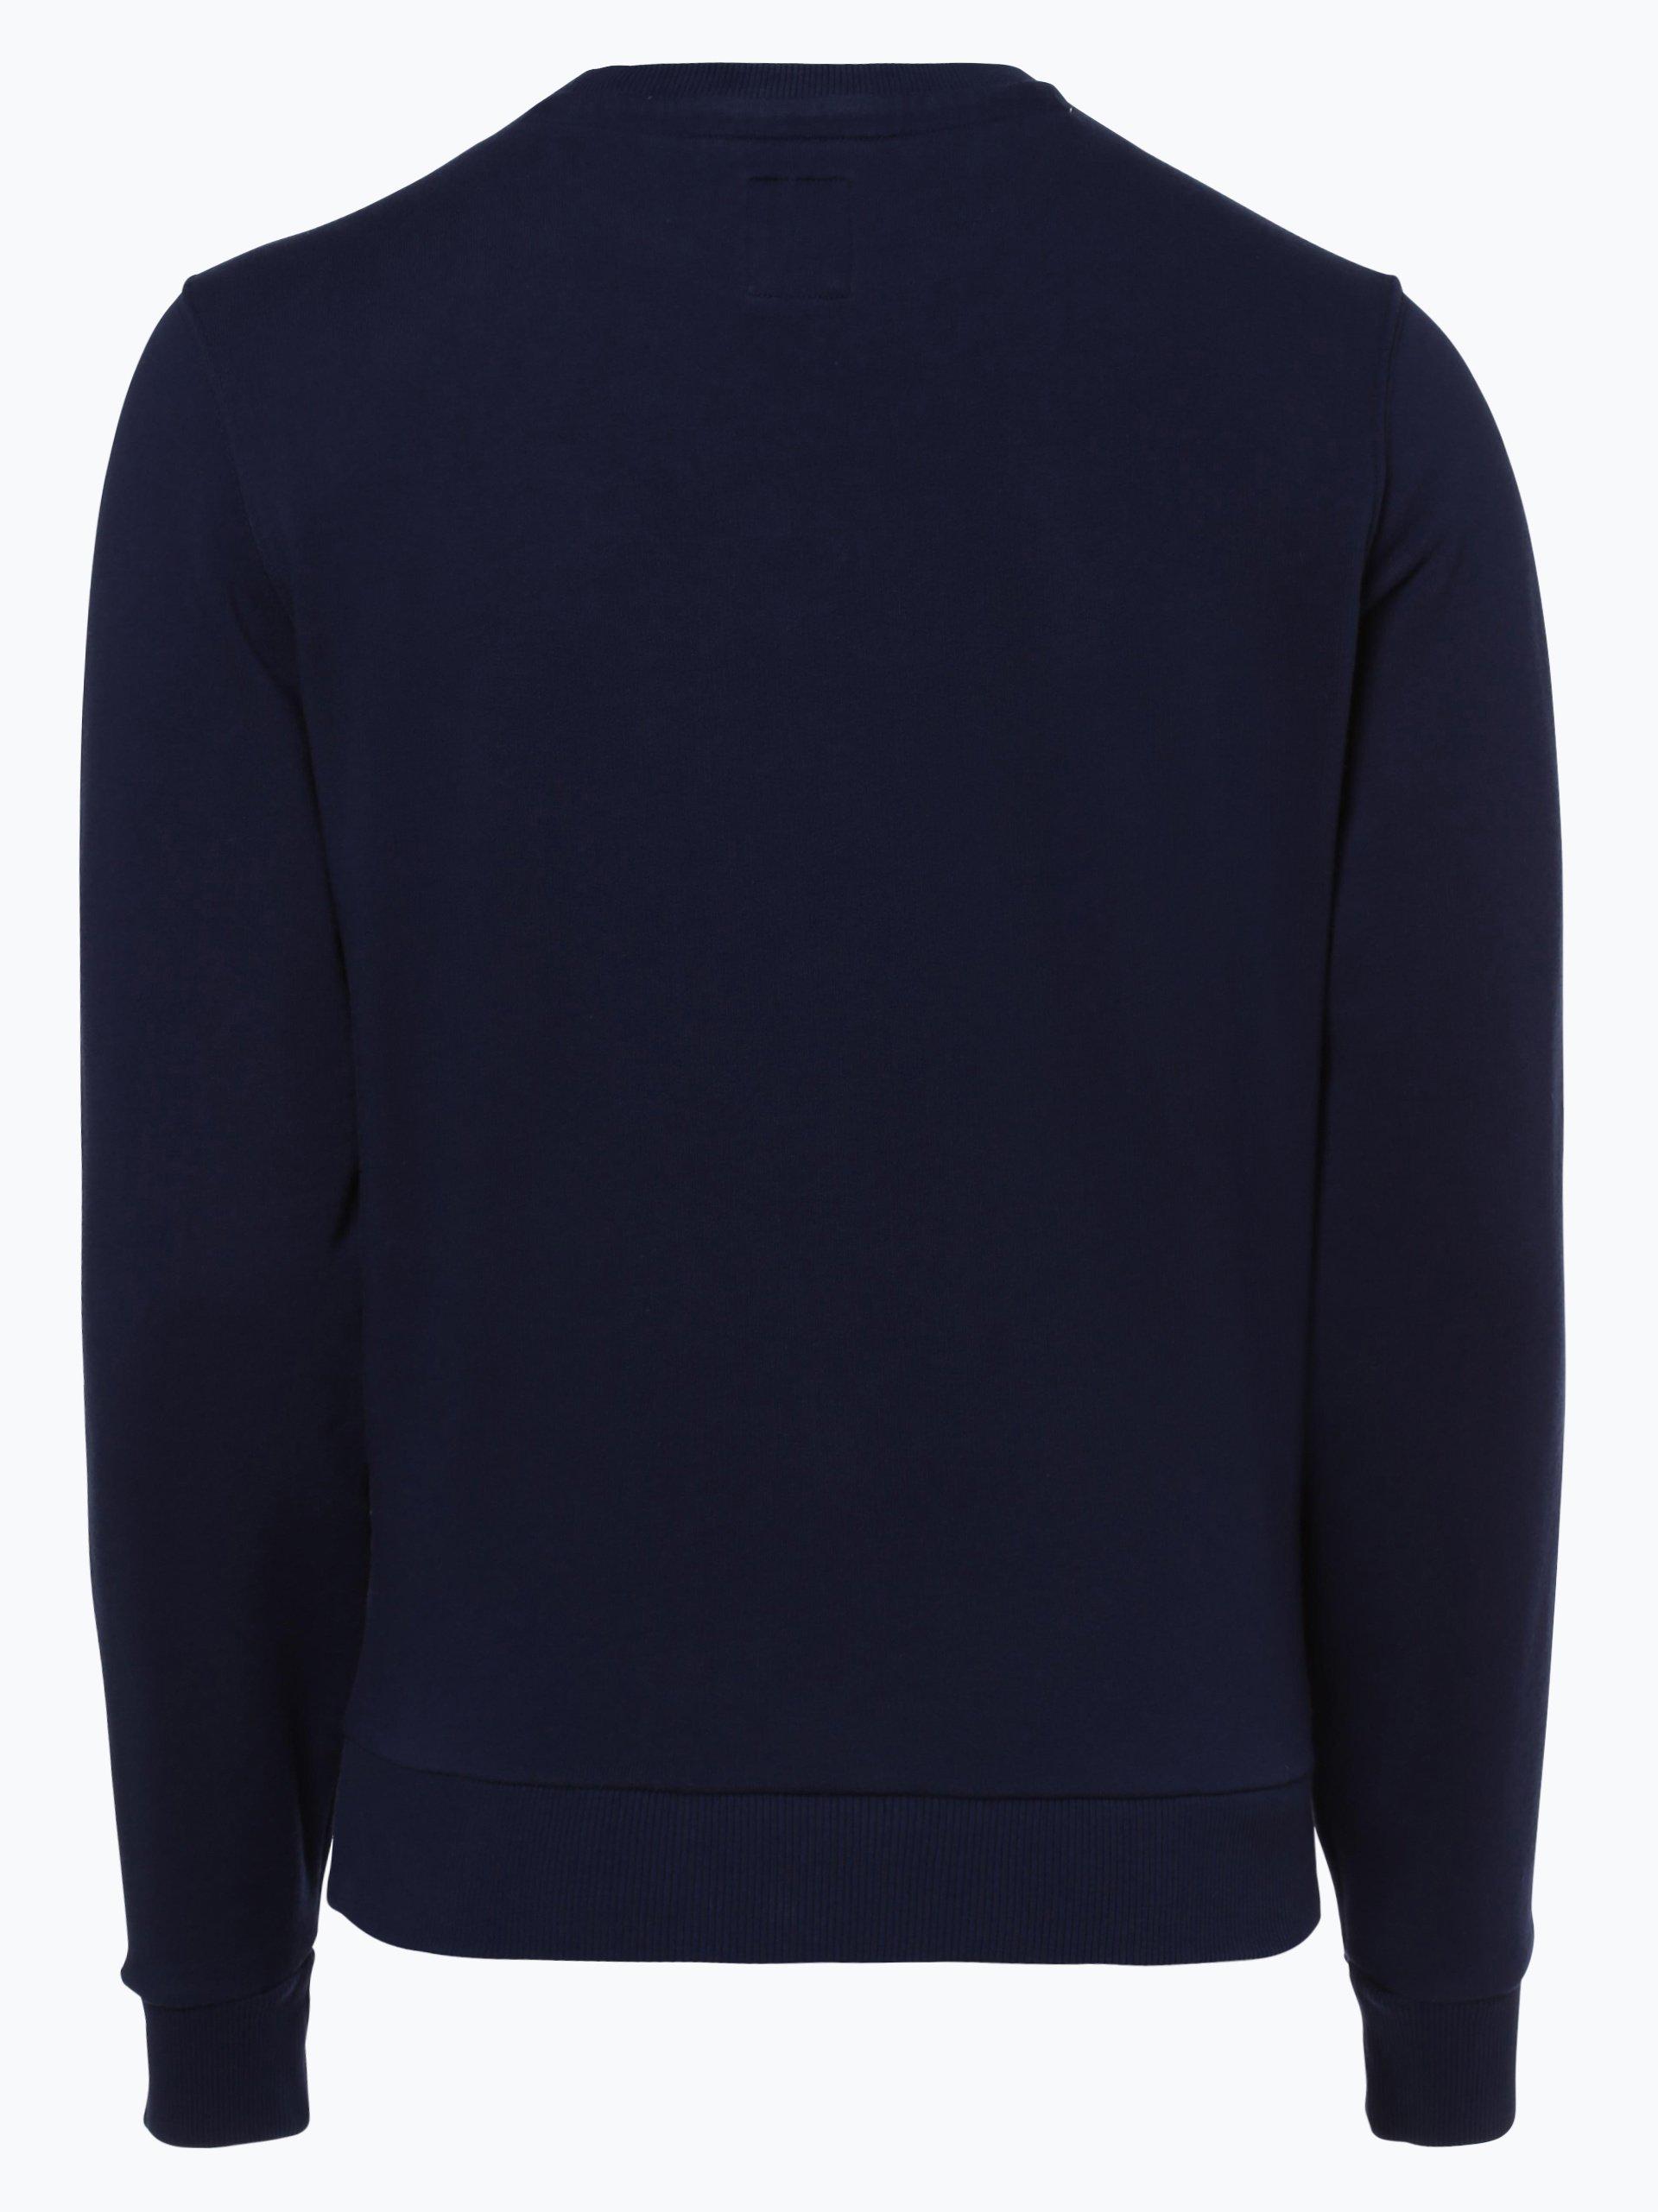 North Sails Herren Sweatshirt